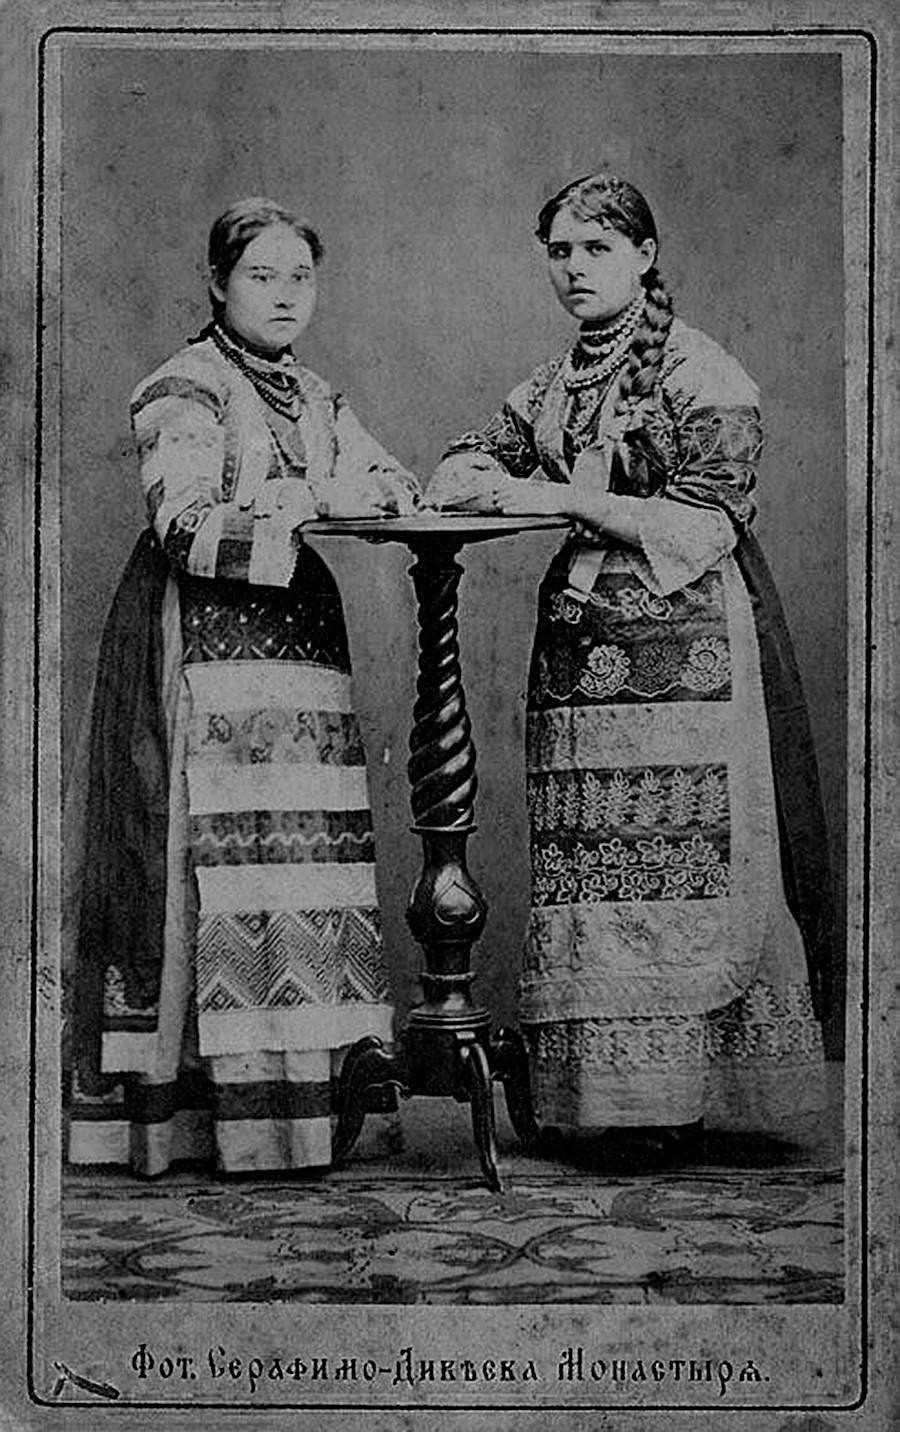 Garotas vestindo roupas tracionais nacionais russas.